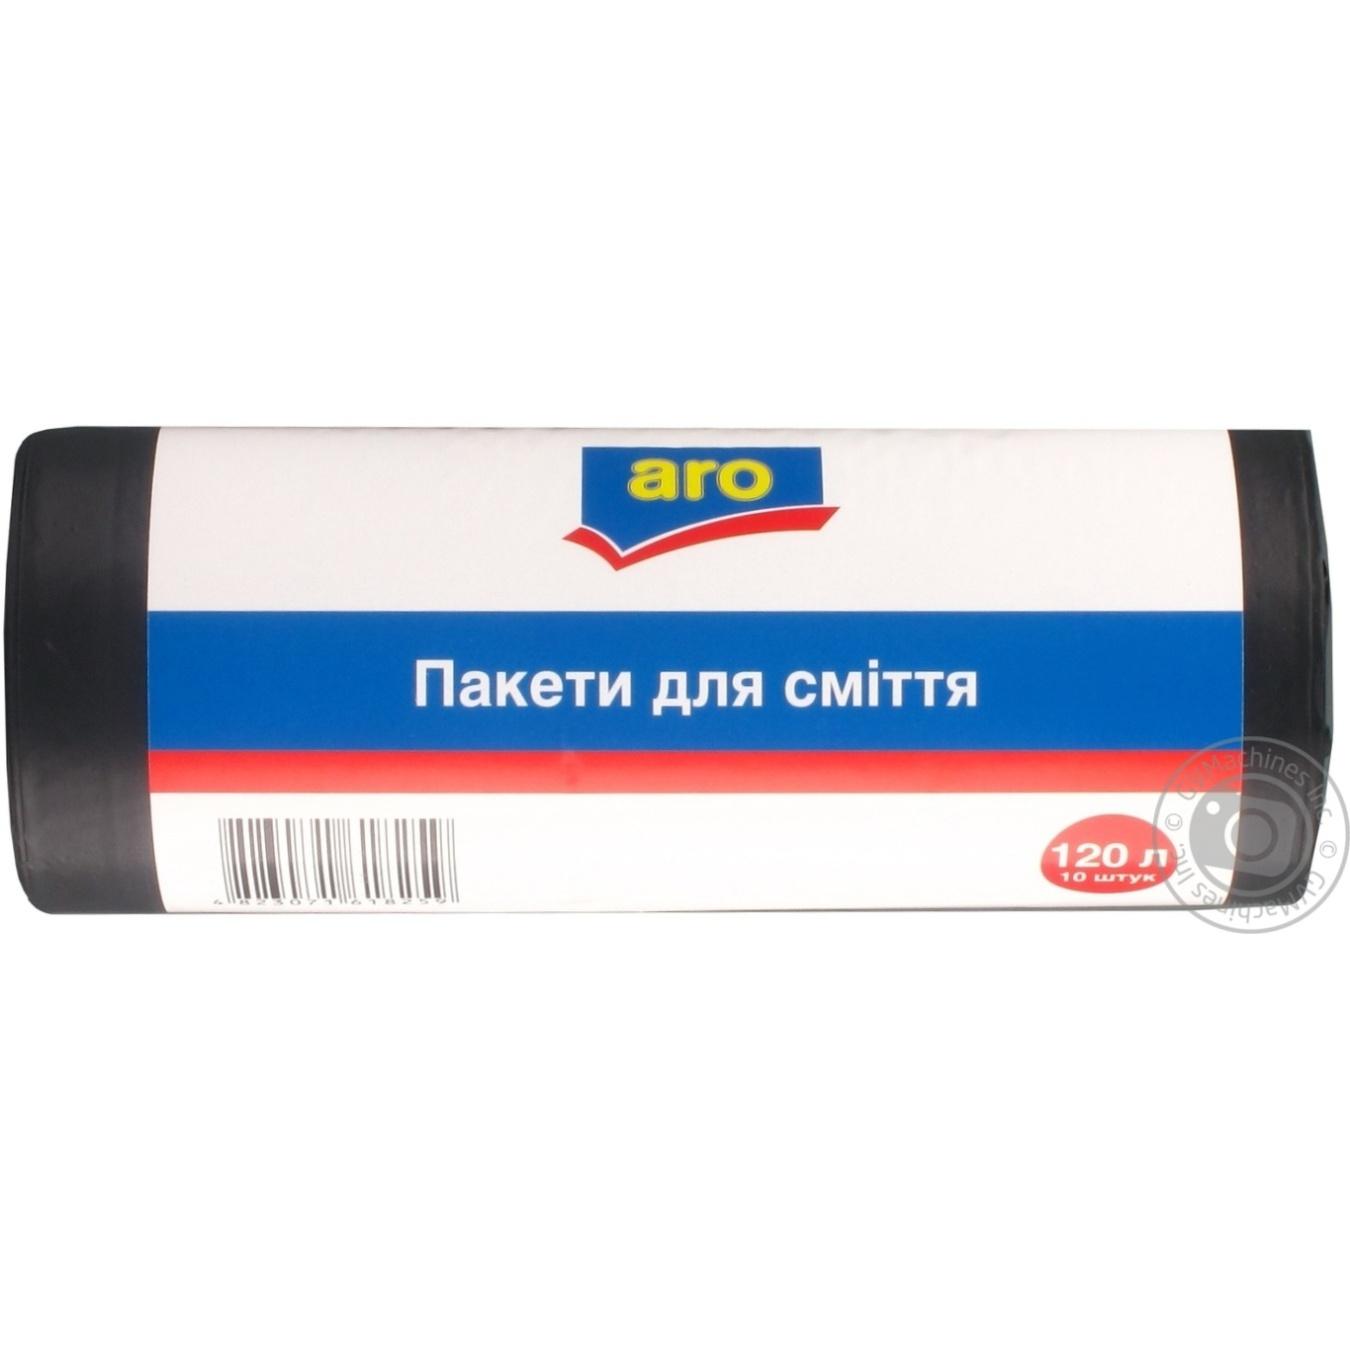 Купить Пакети для сміття Aro 120л 10шт